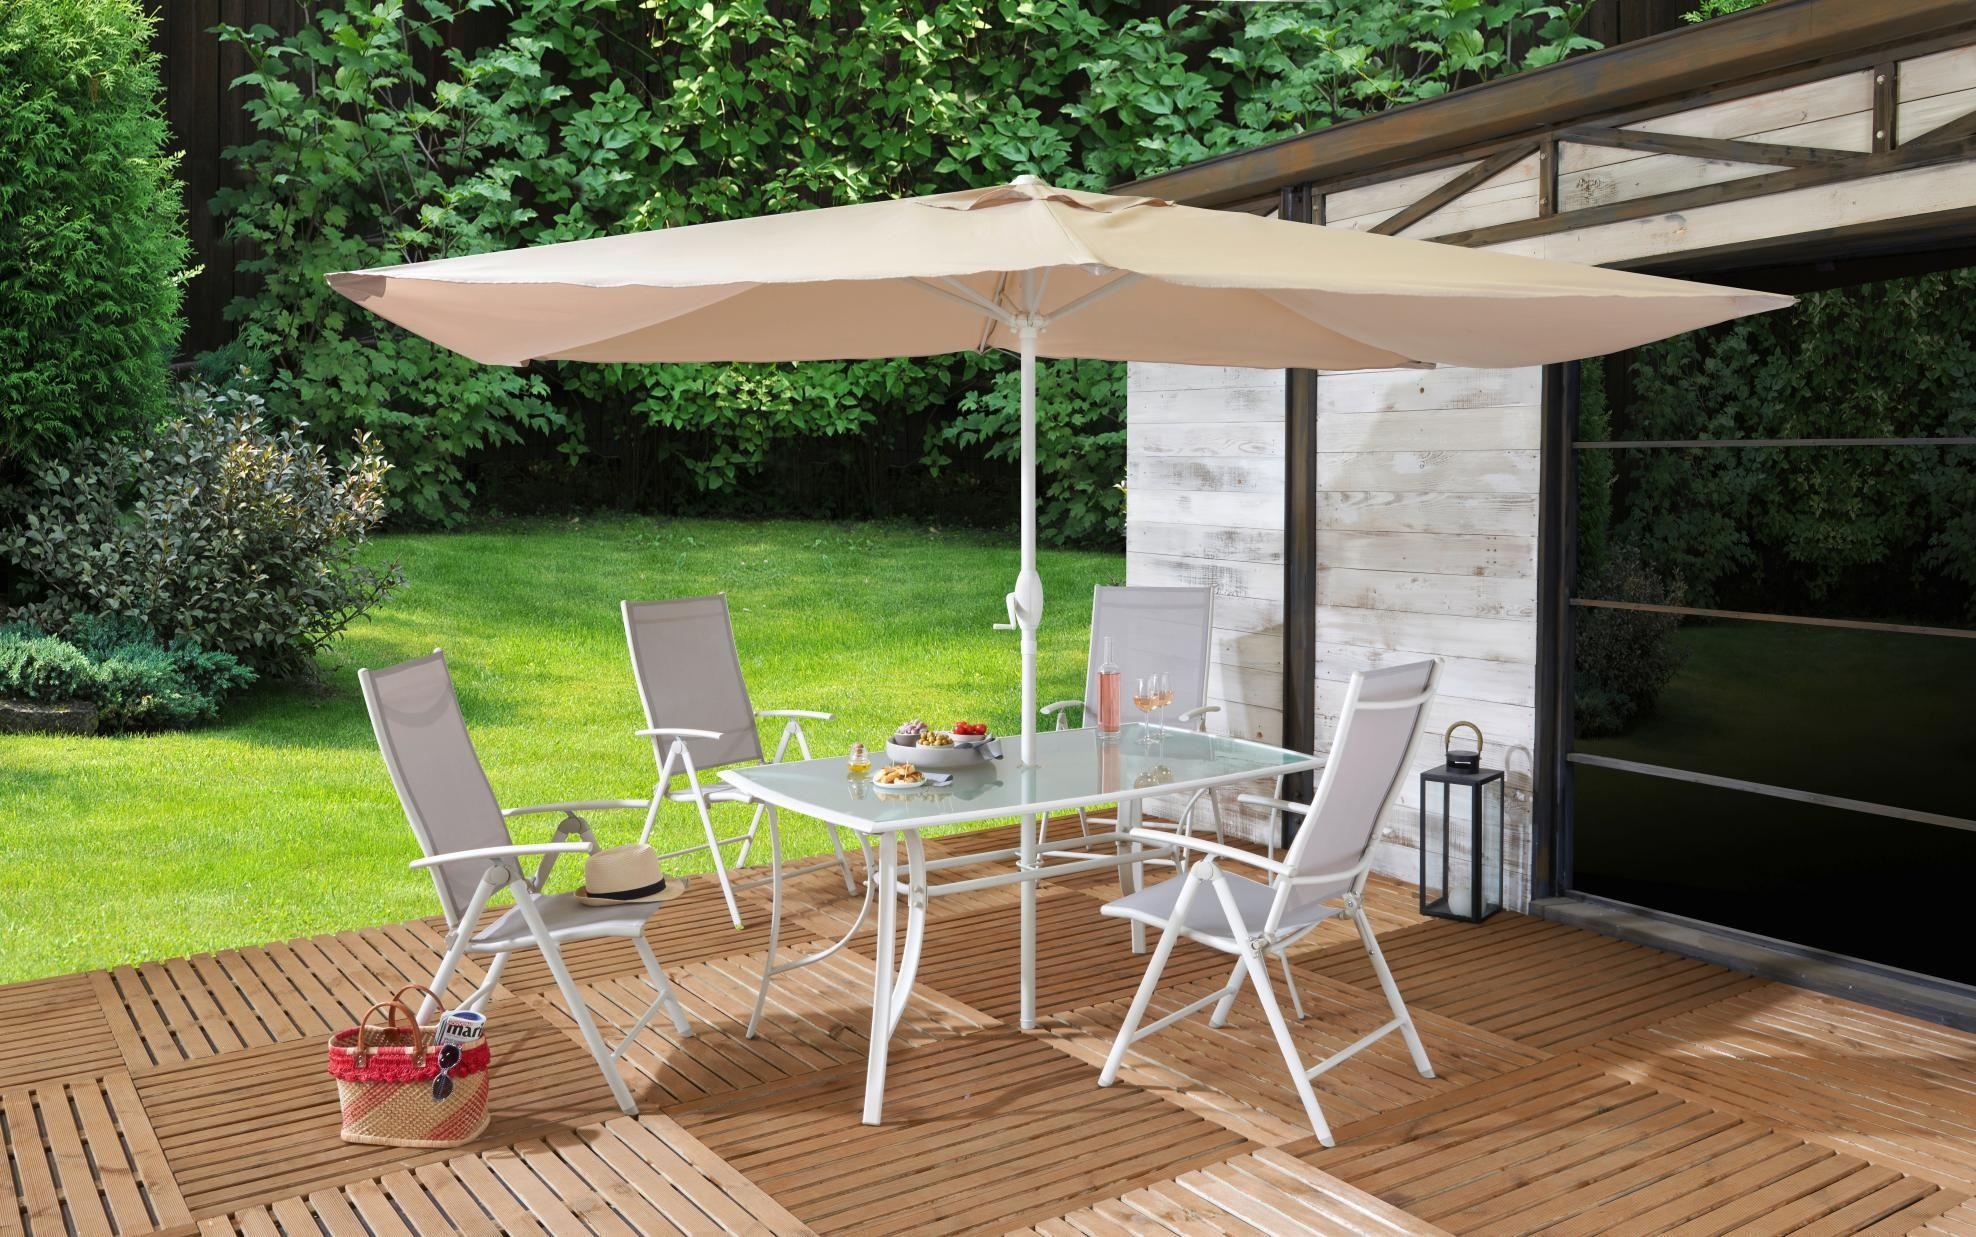 salon de jardin allibert carrefour market jardin piscine. Black Bedroom Furniture Sets. Home Design Ideas